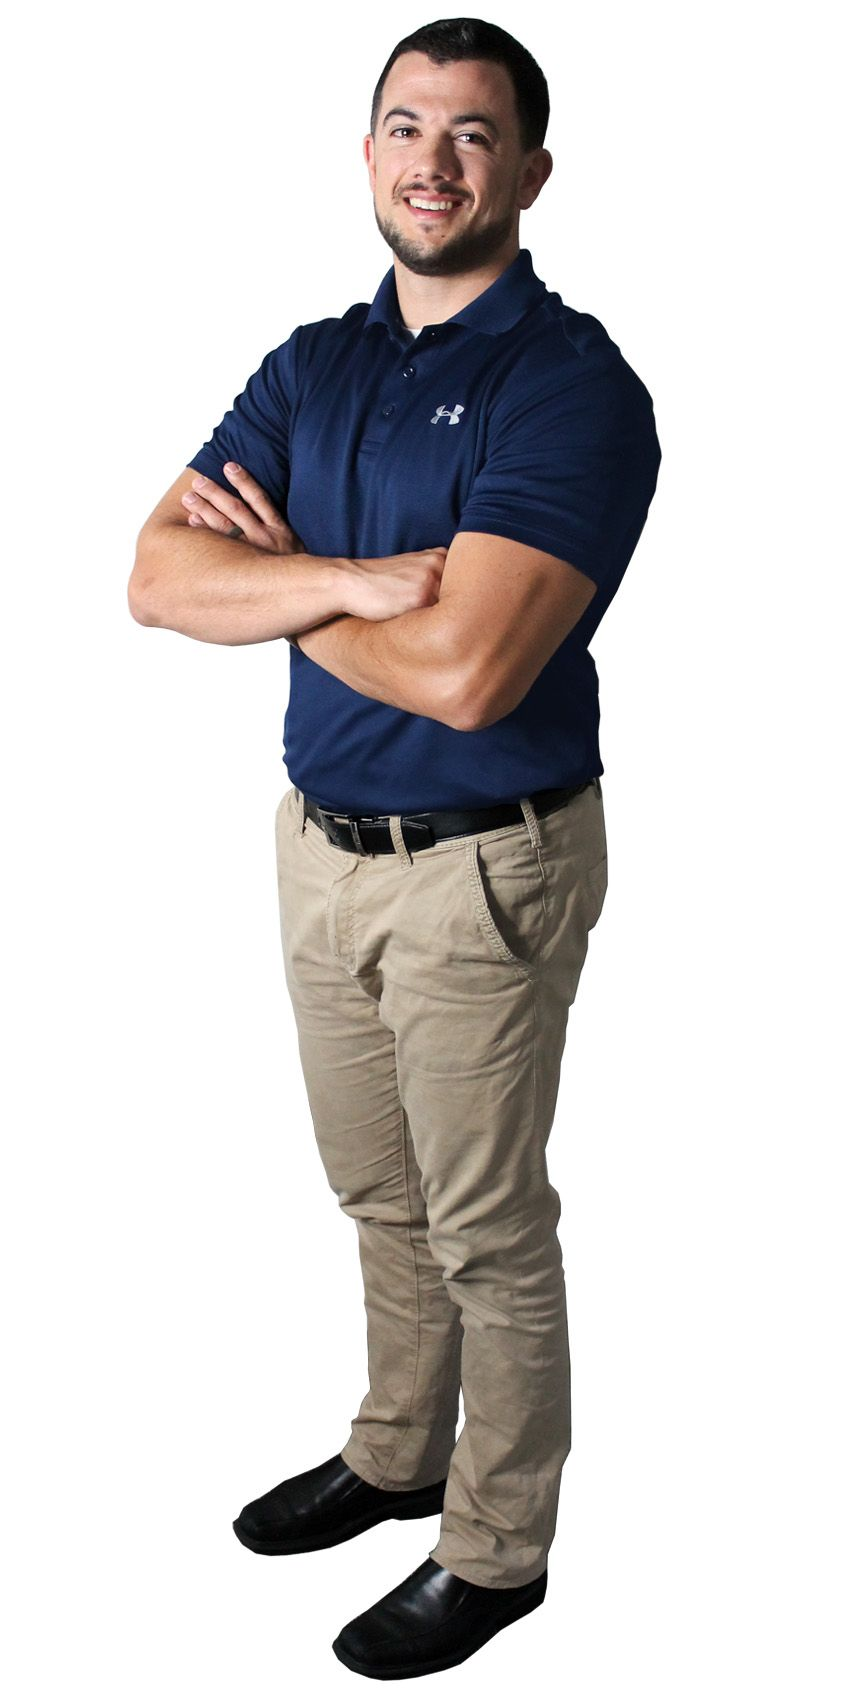 Dr. Adam Musich